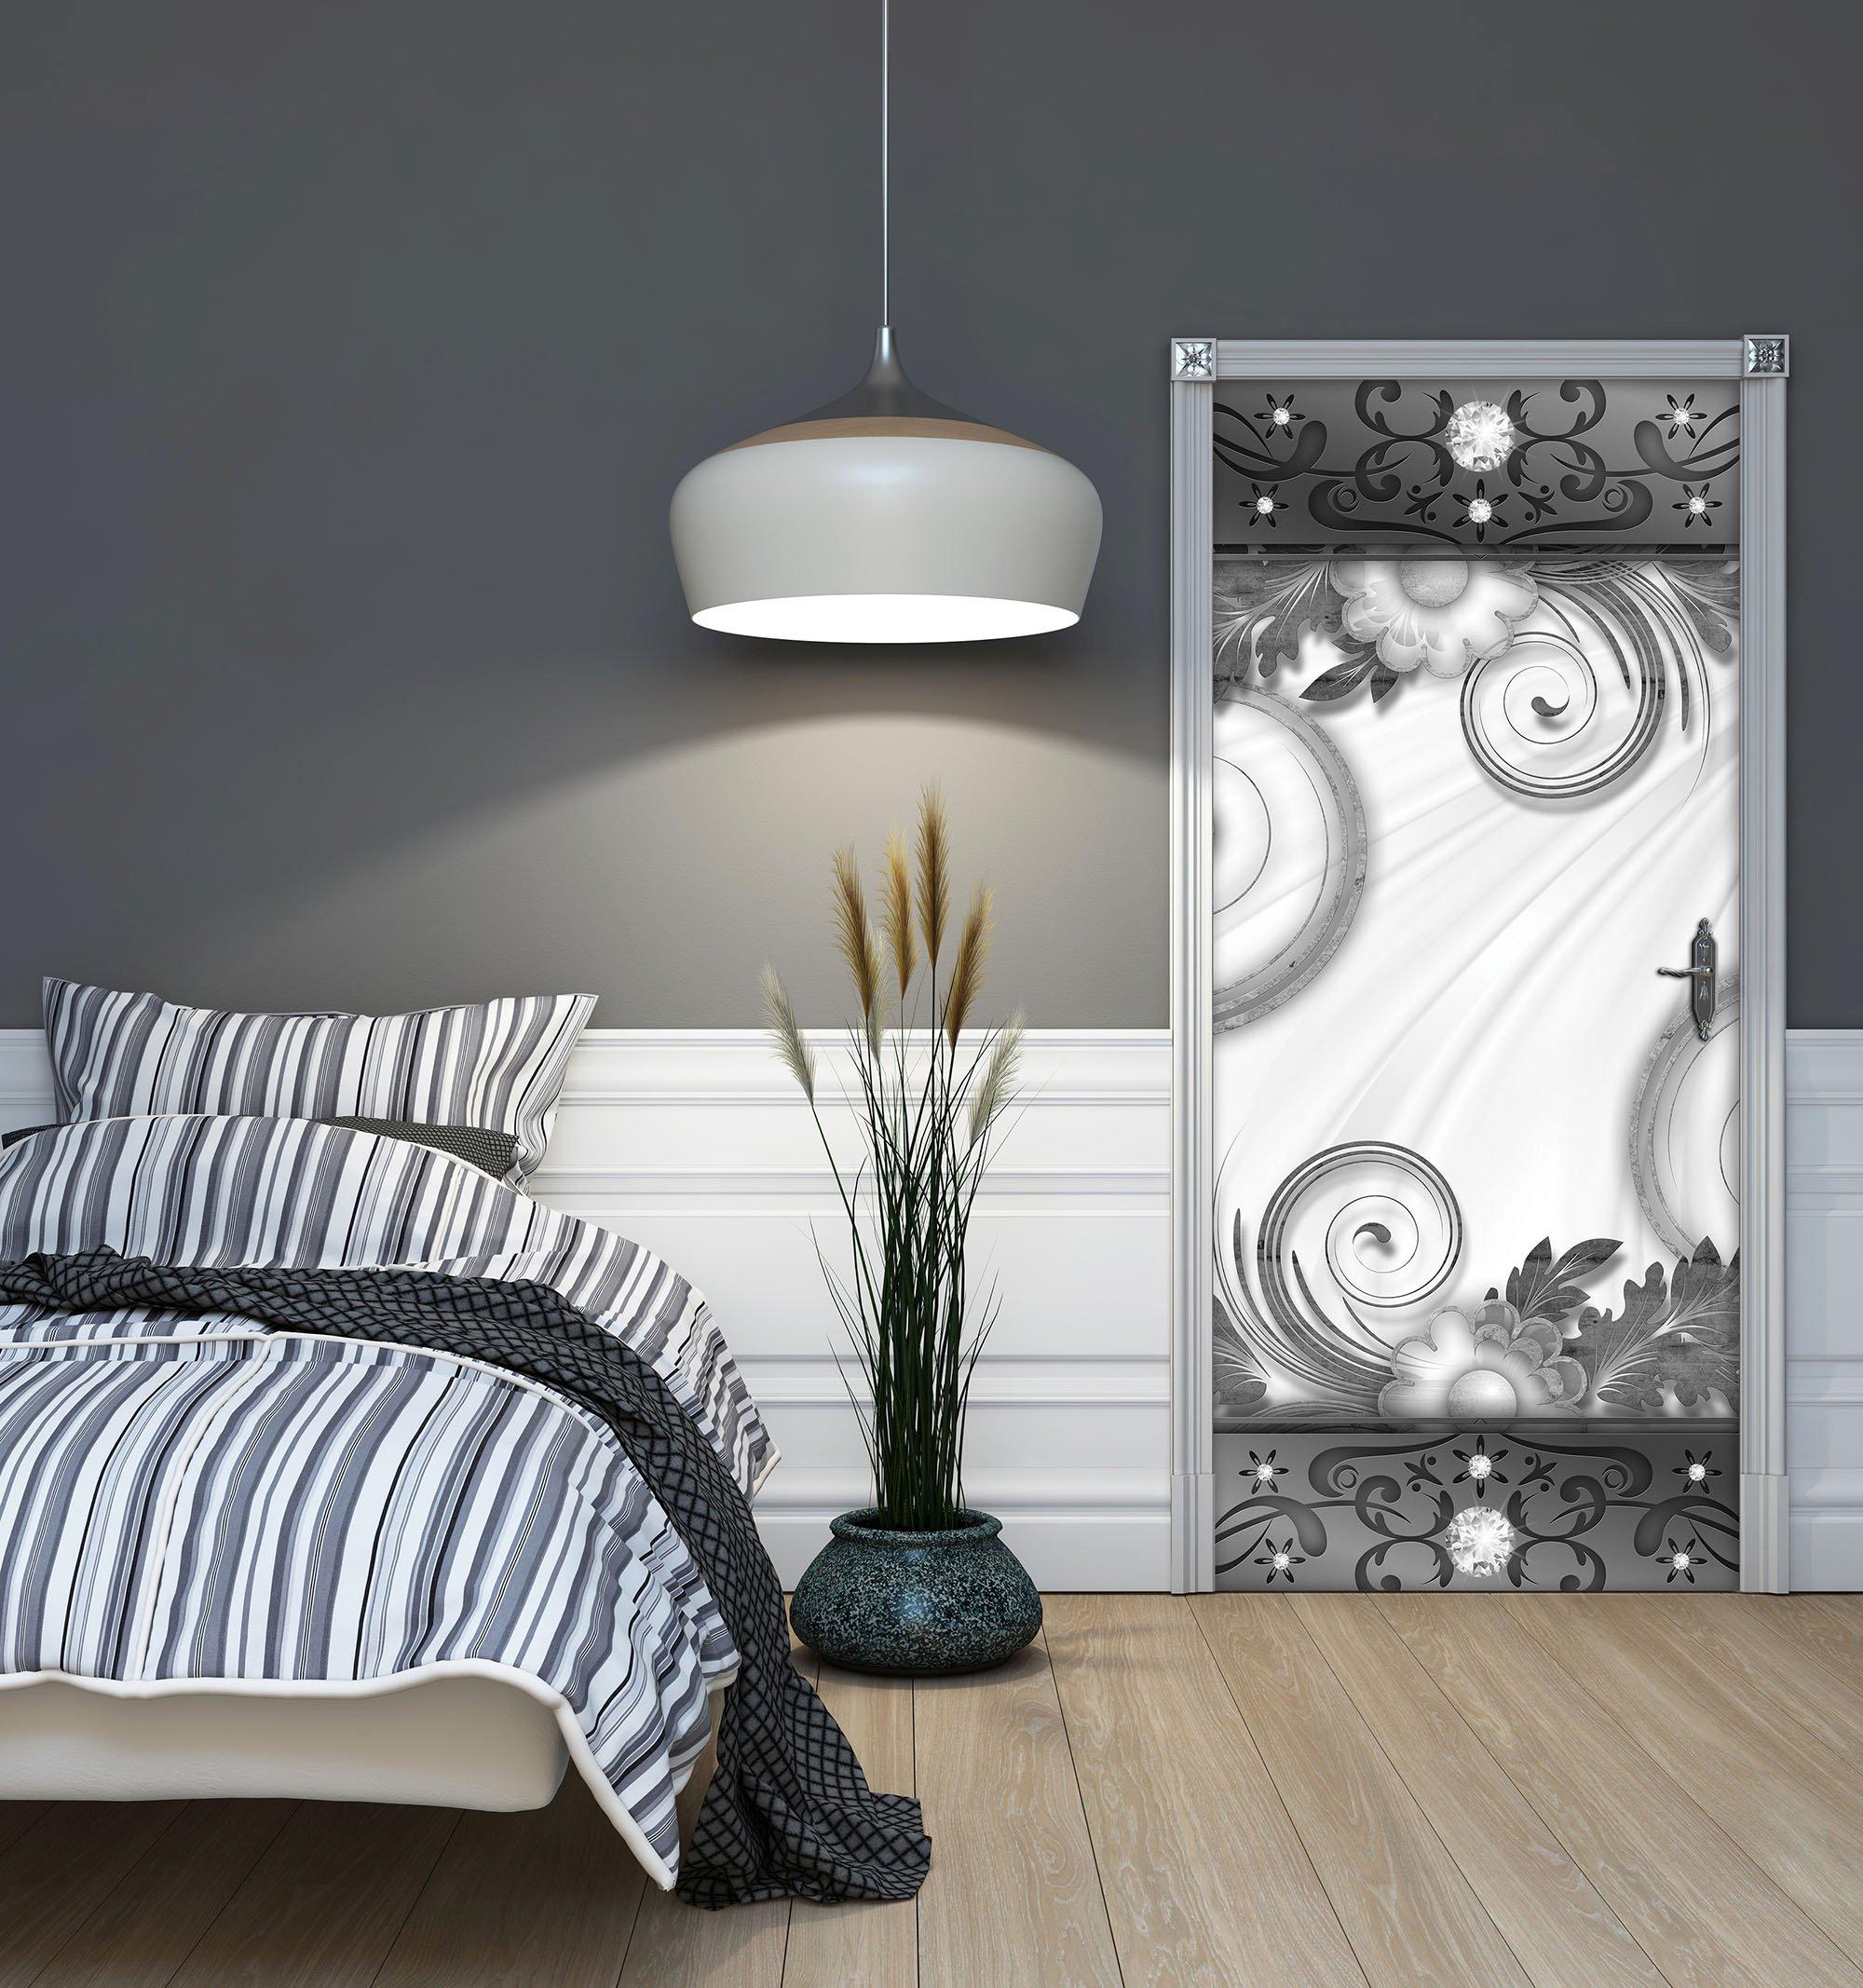 t r fototapete mit blumenmuster in grau wei weltderbilder. Black Bedroom Furniture Sets. Home Design Ideas